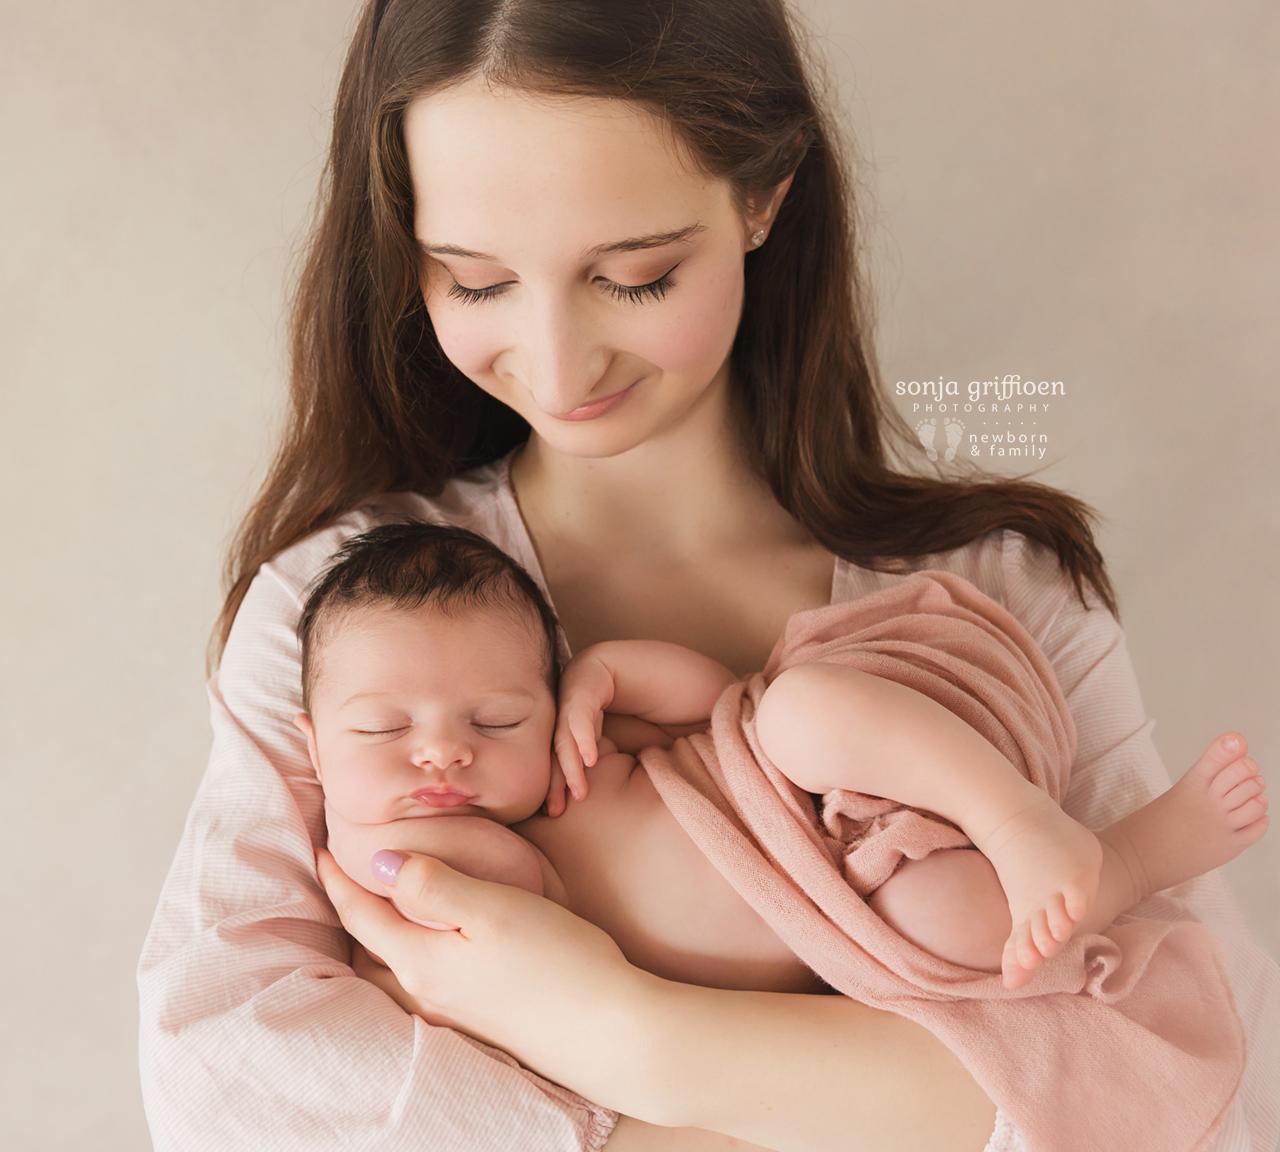 Annabella-Newborn-Brisbane-Newborn-Photographer-Sonja-Griffioen-12.jpg